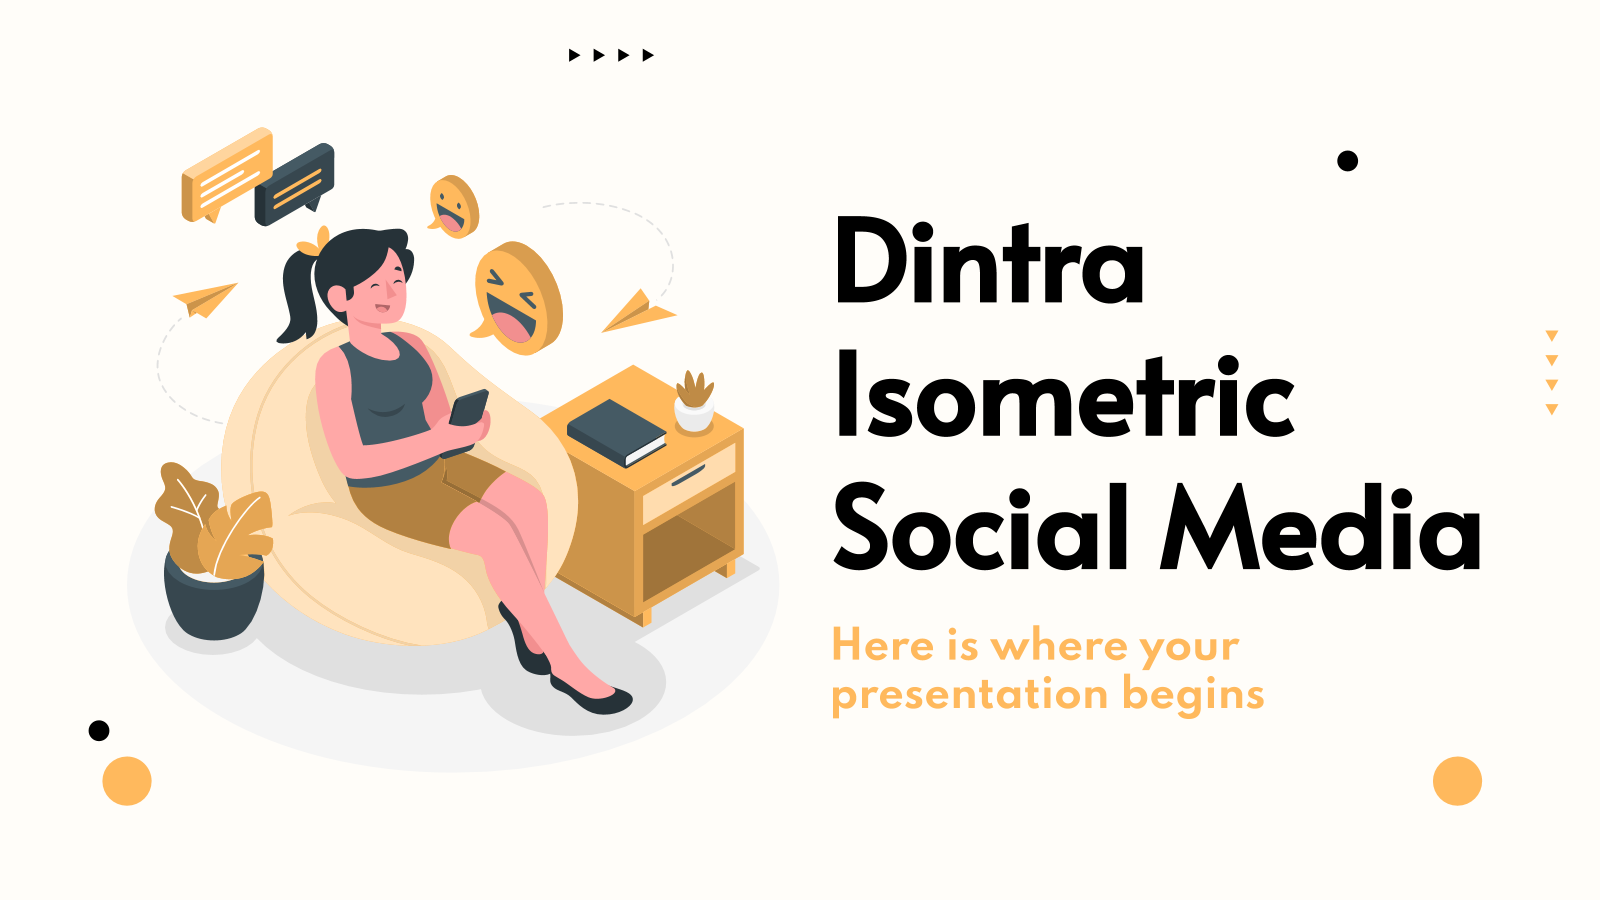 Modelo de apresentação Mídias sociais Dintra isométricas